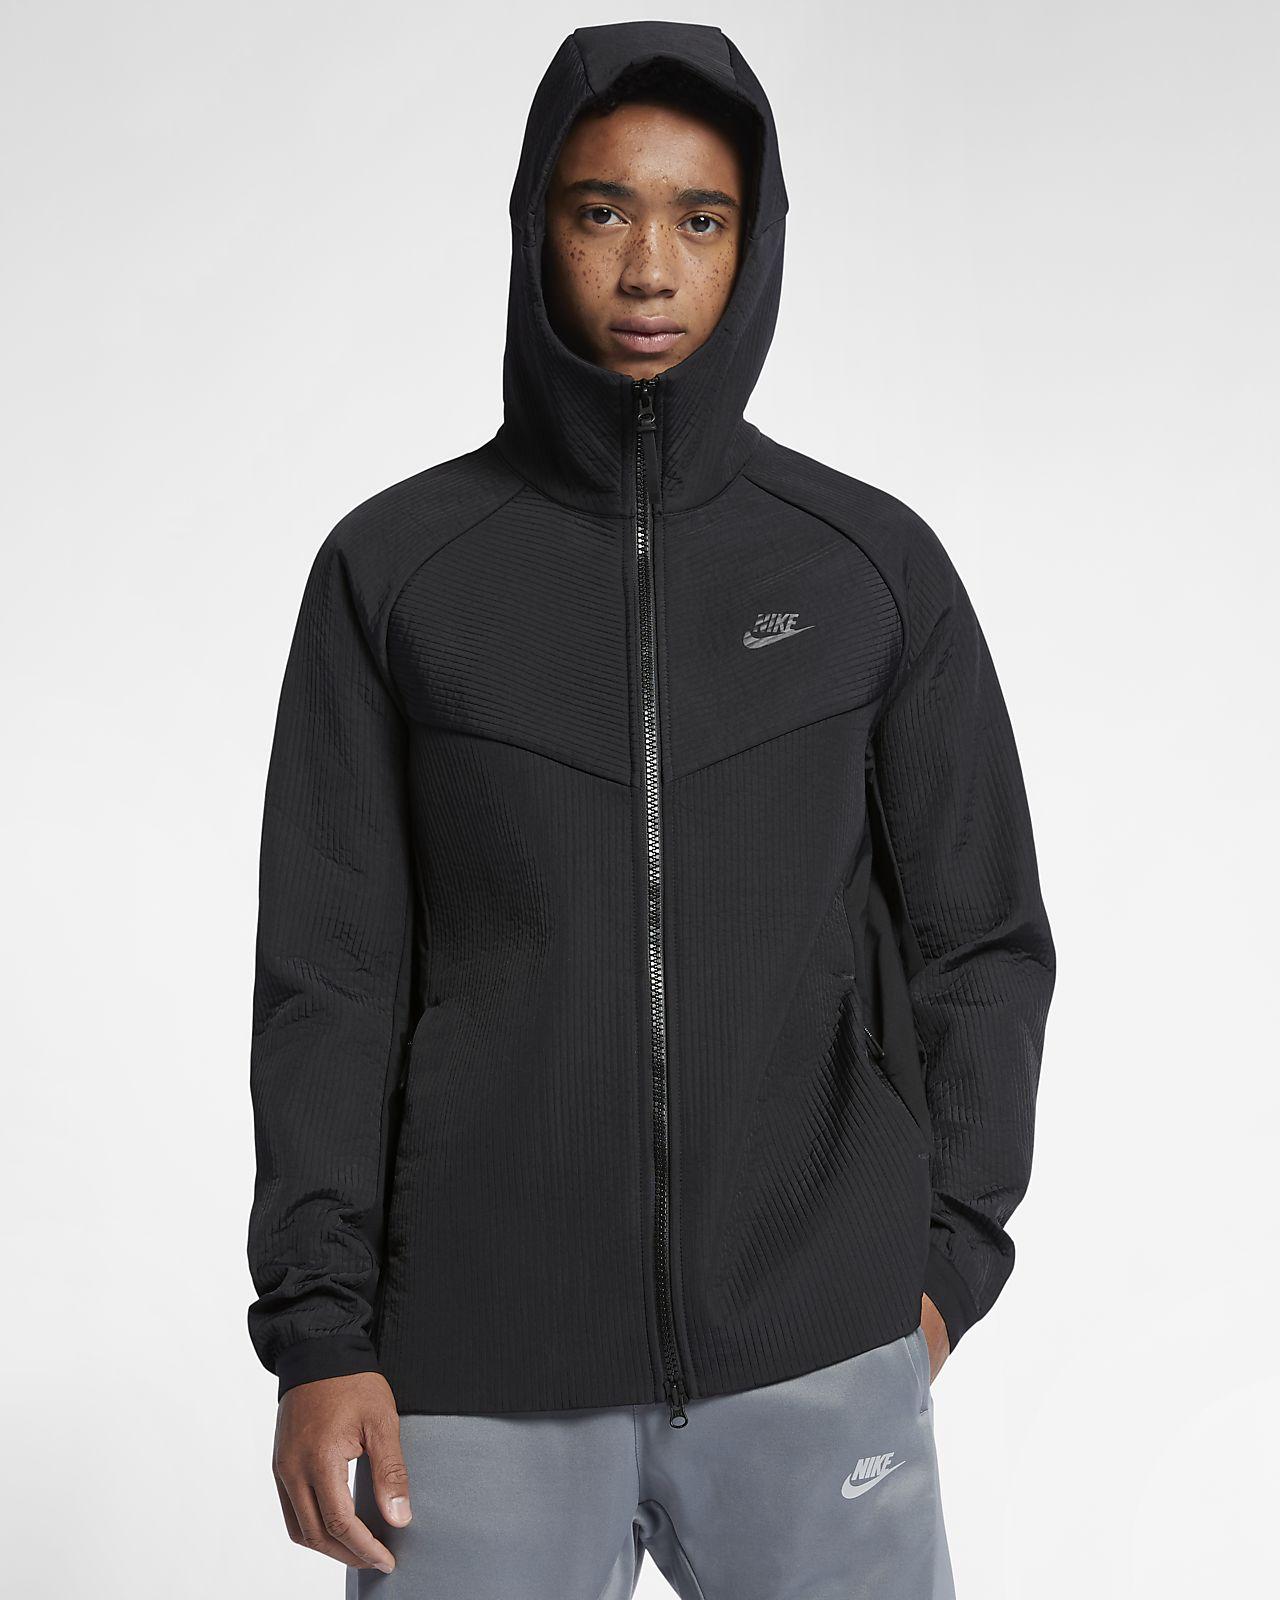 Giacca Nike Pack Sportswear Woven Uomo Ch Tech wrrCq5InxU